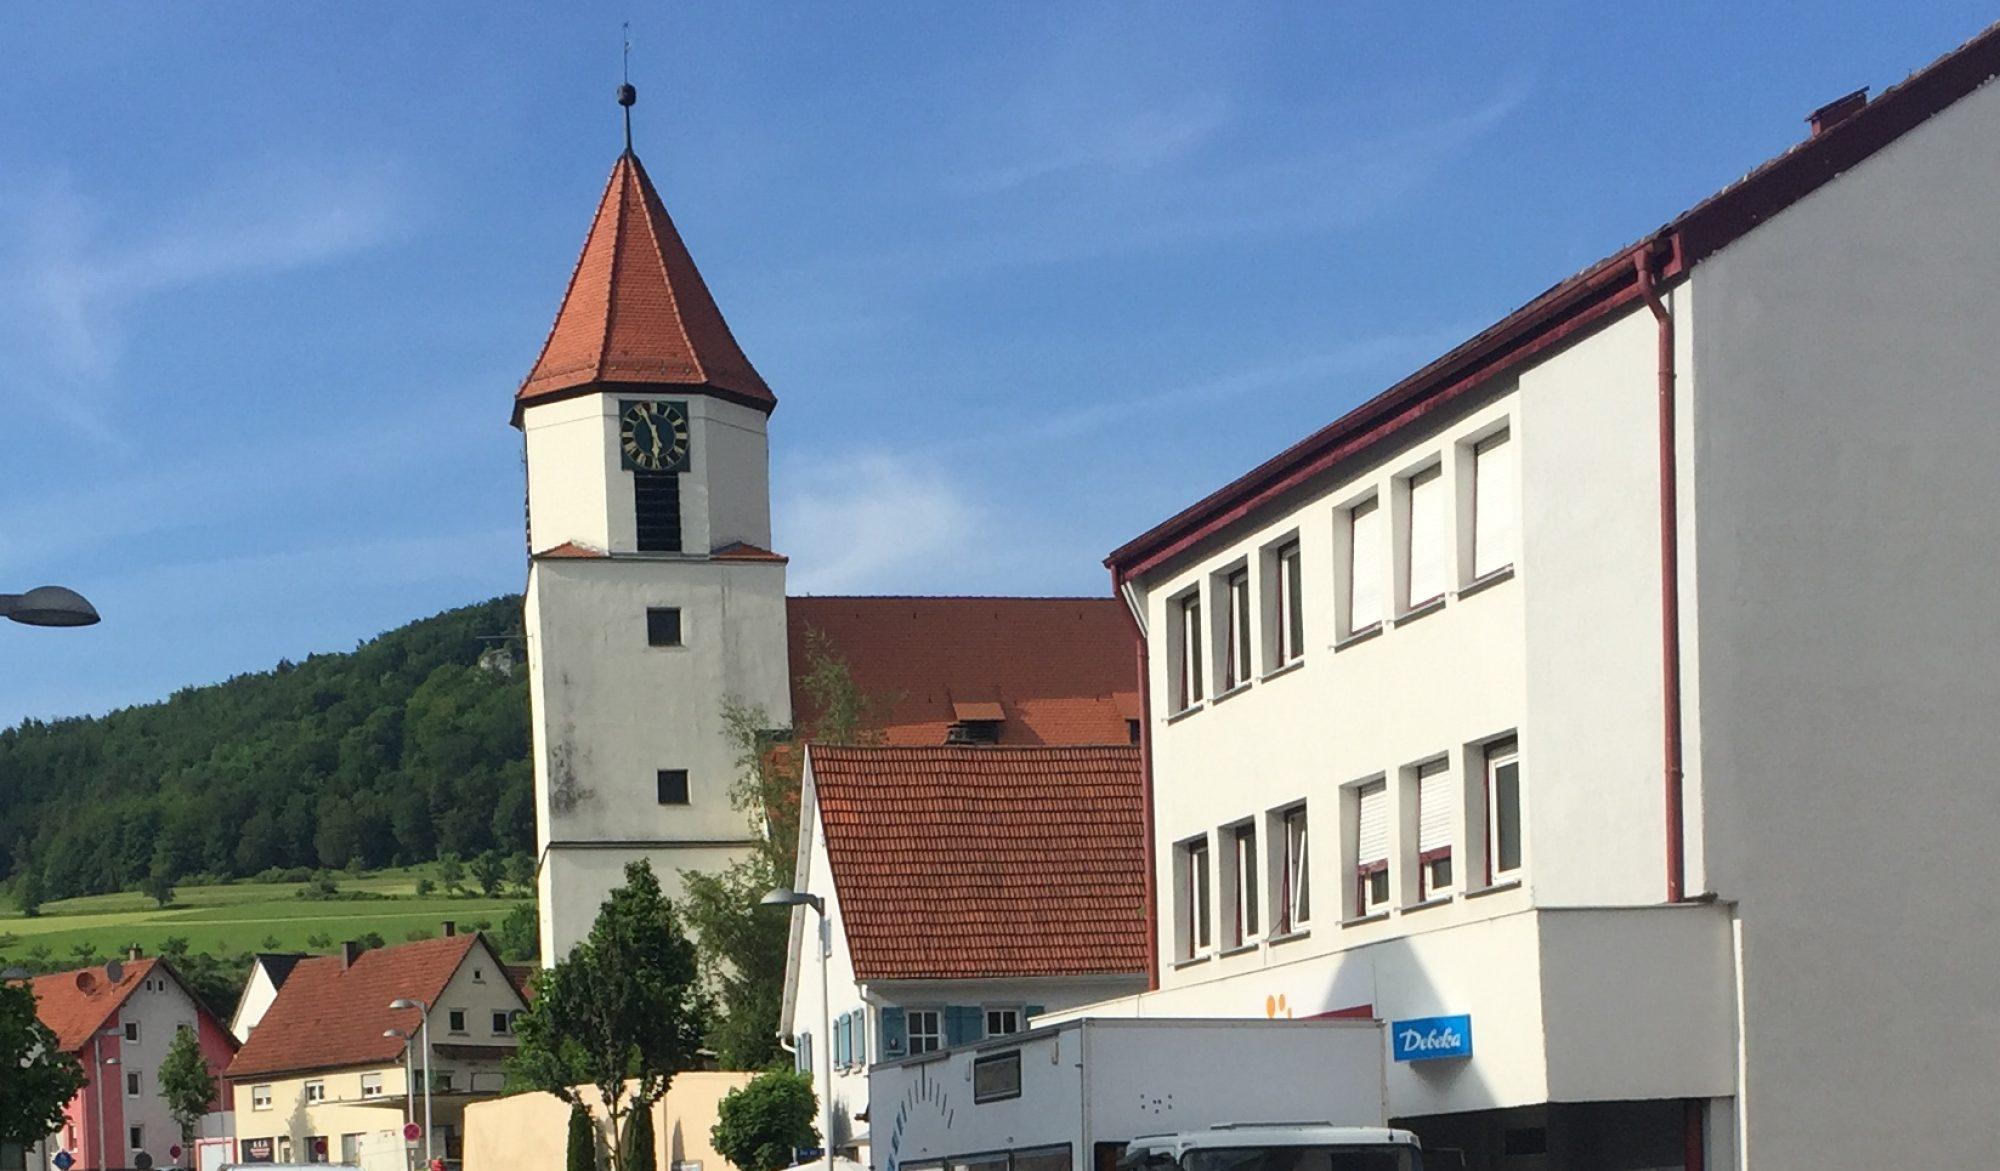 Truchtelfinger Vereine und Vereinigungen e.V.